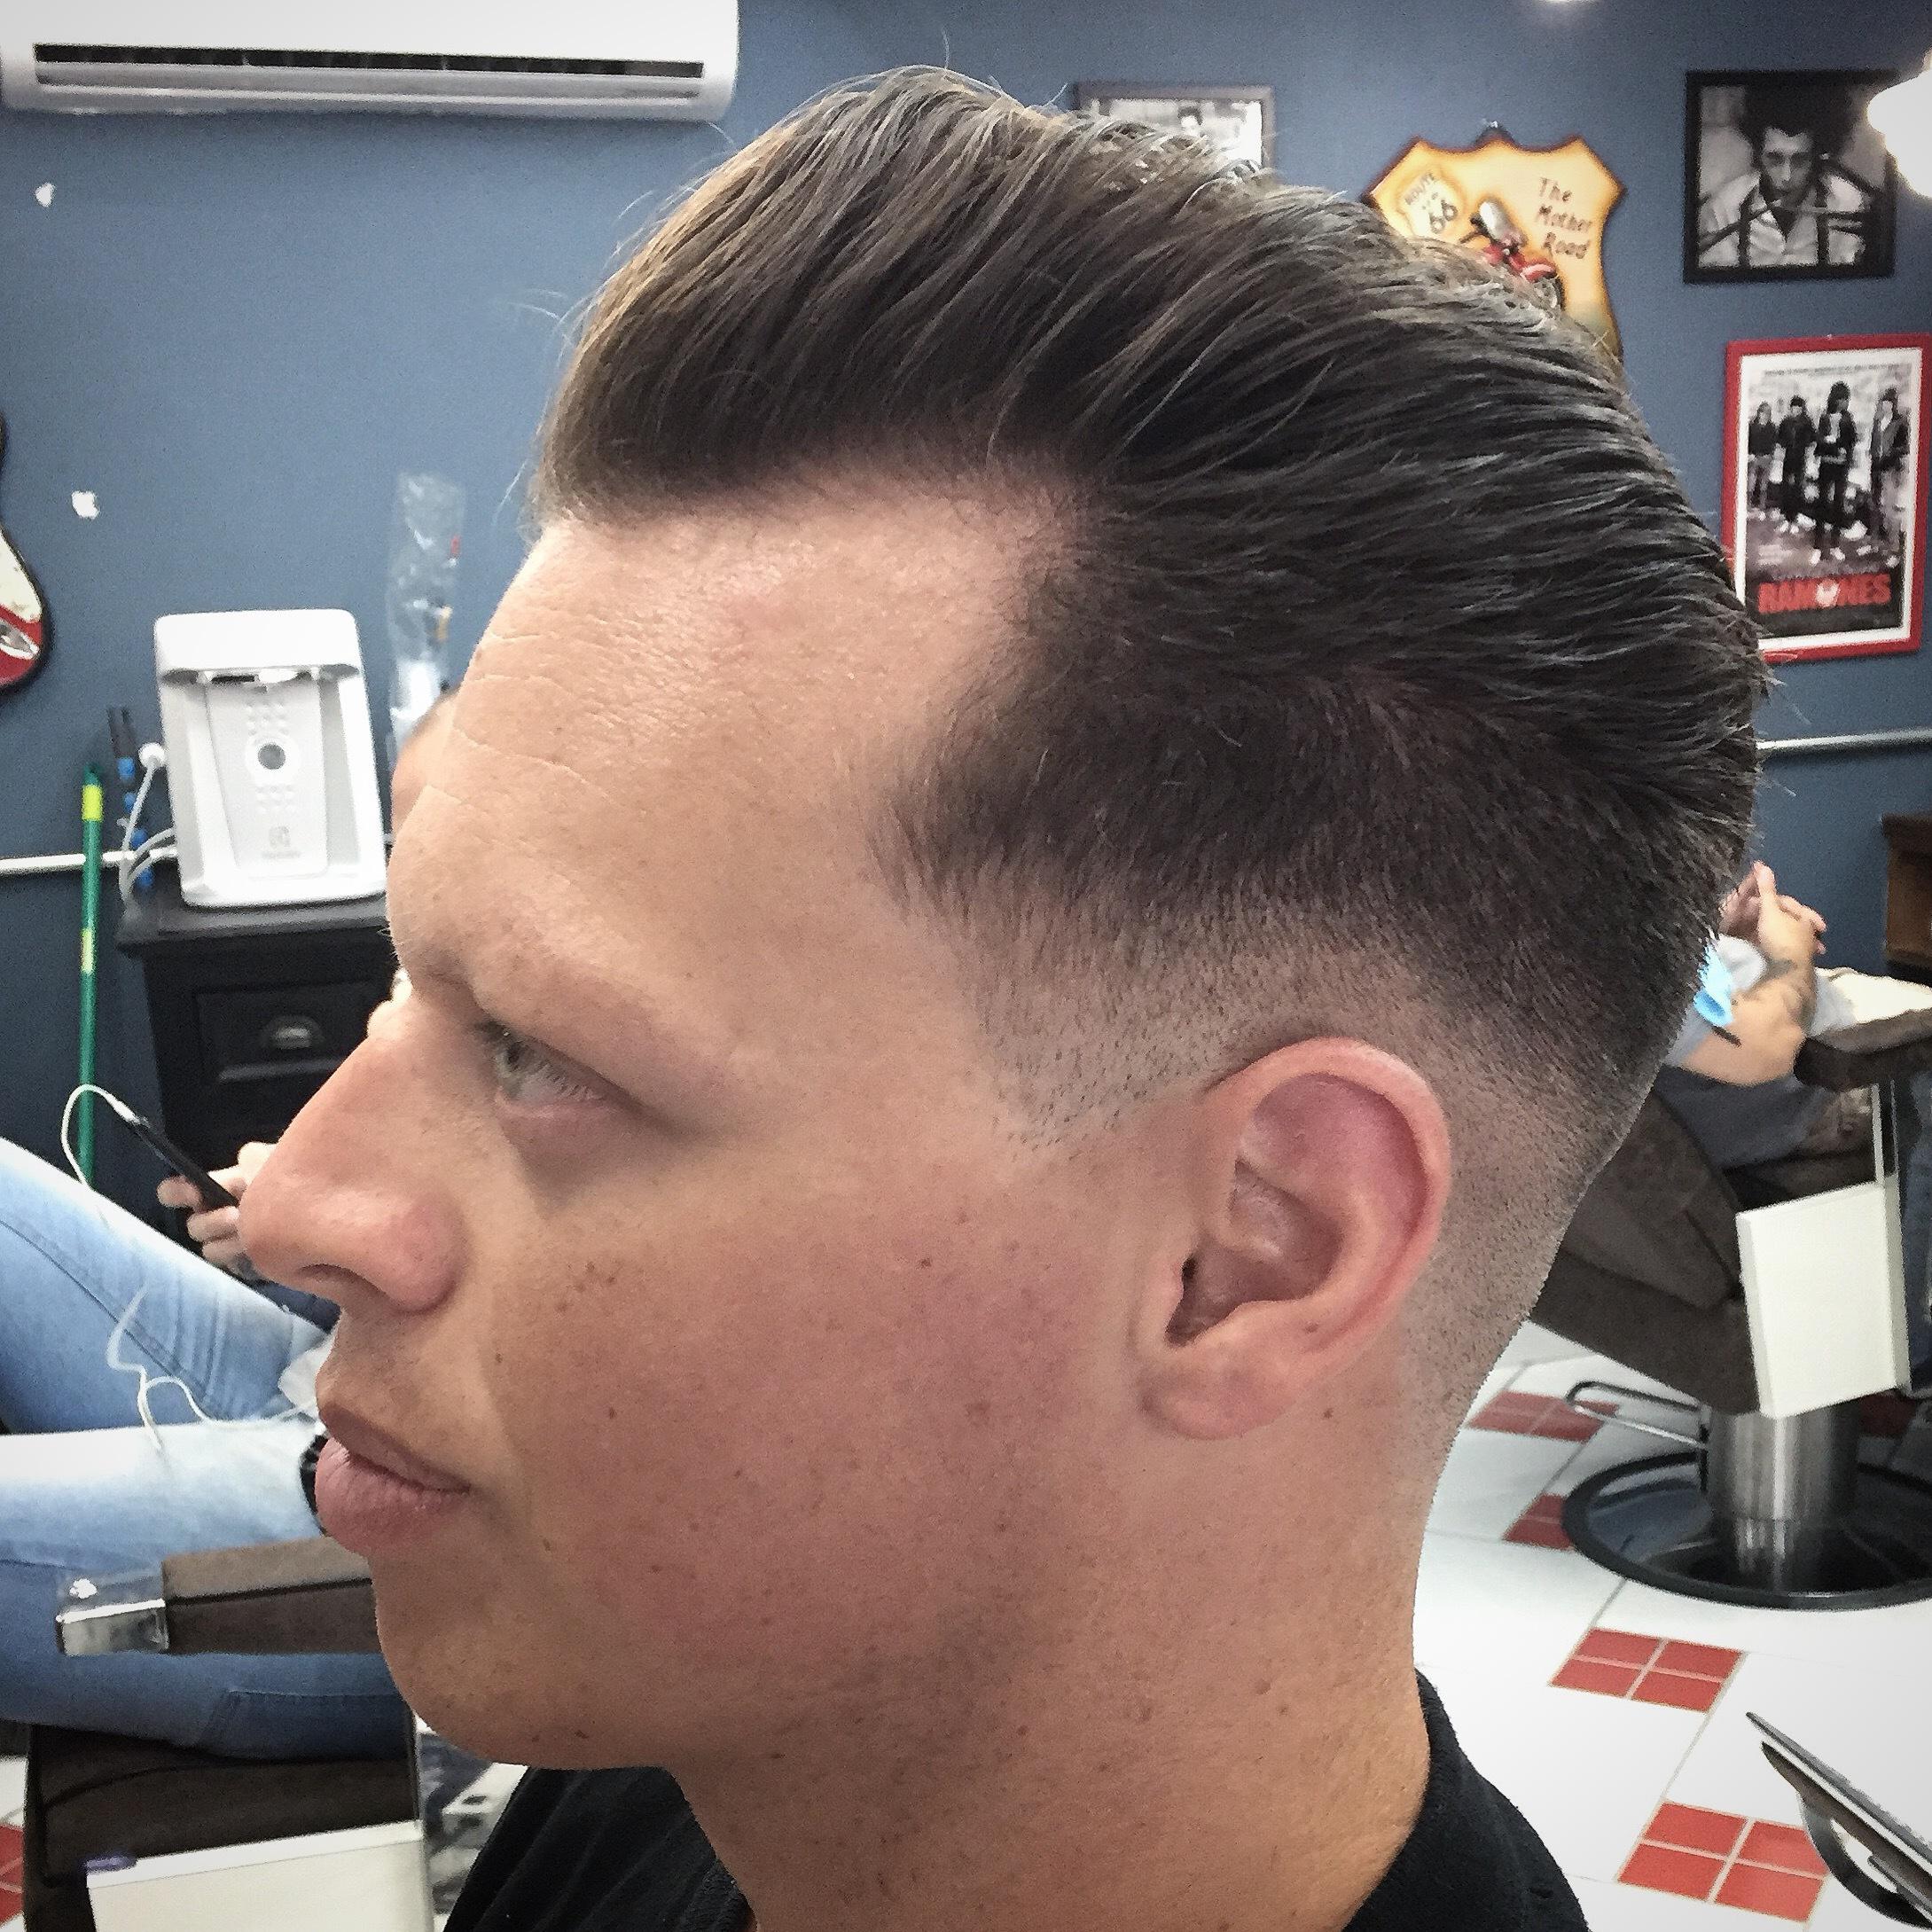 Fade pomp... Siga mais no Instagram @rubz.barber cabelo barbeiro(a)